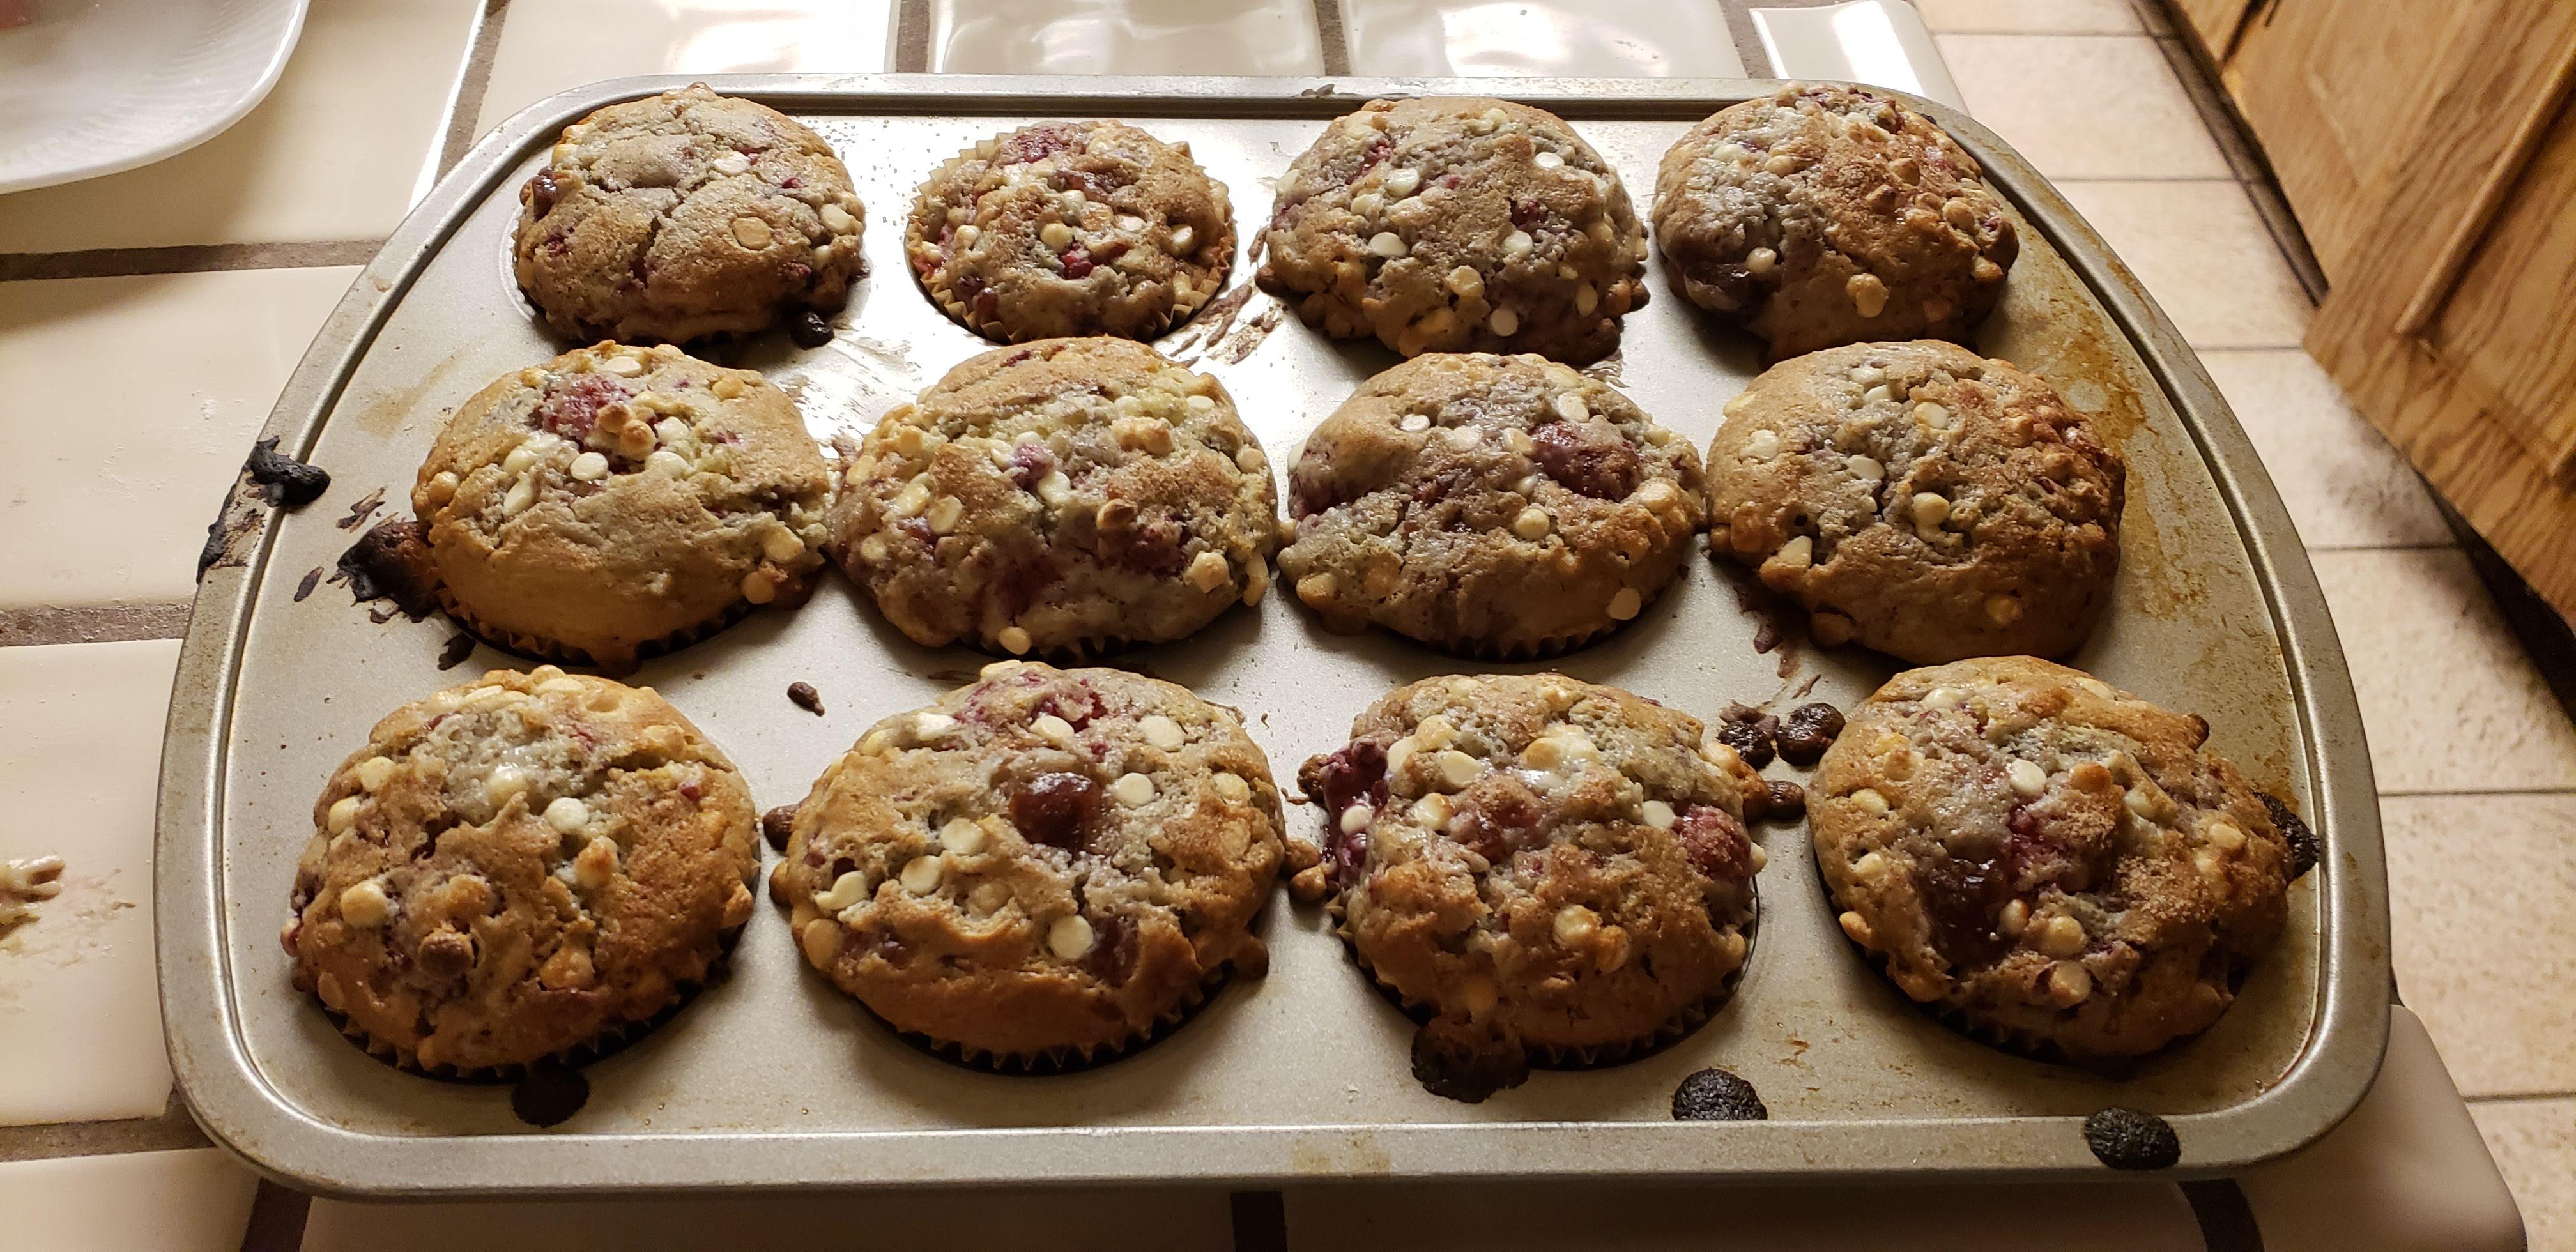 Raspberry-White Chocolate Chip Muffins